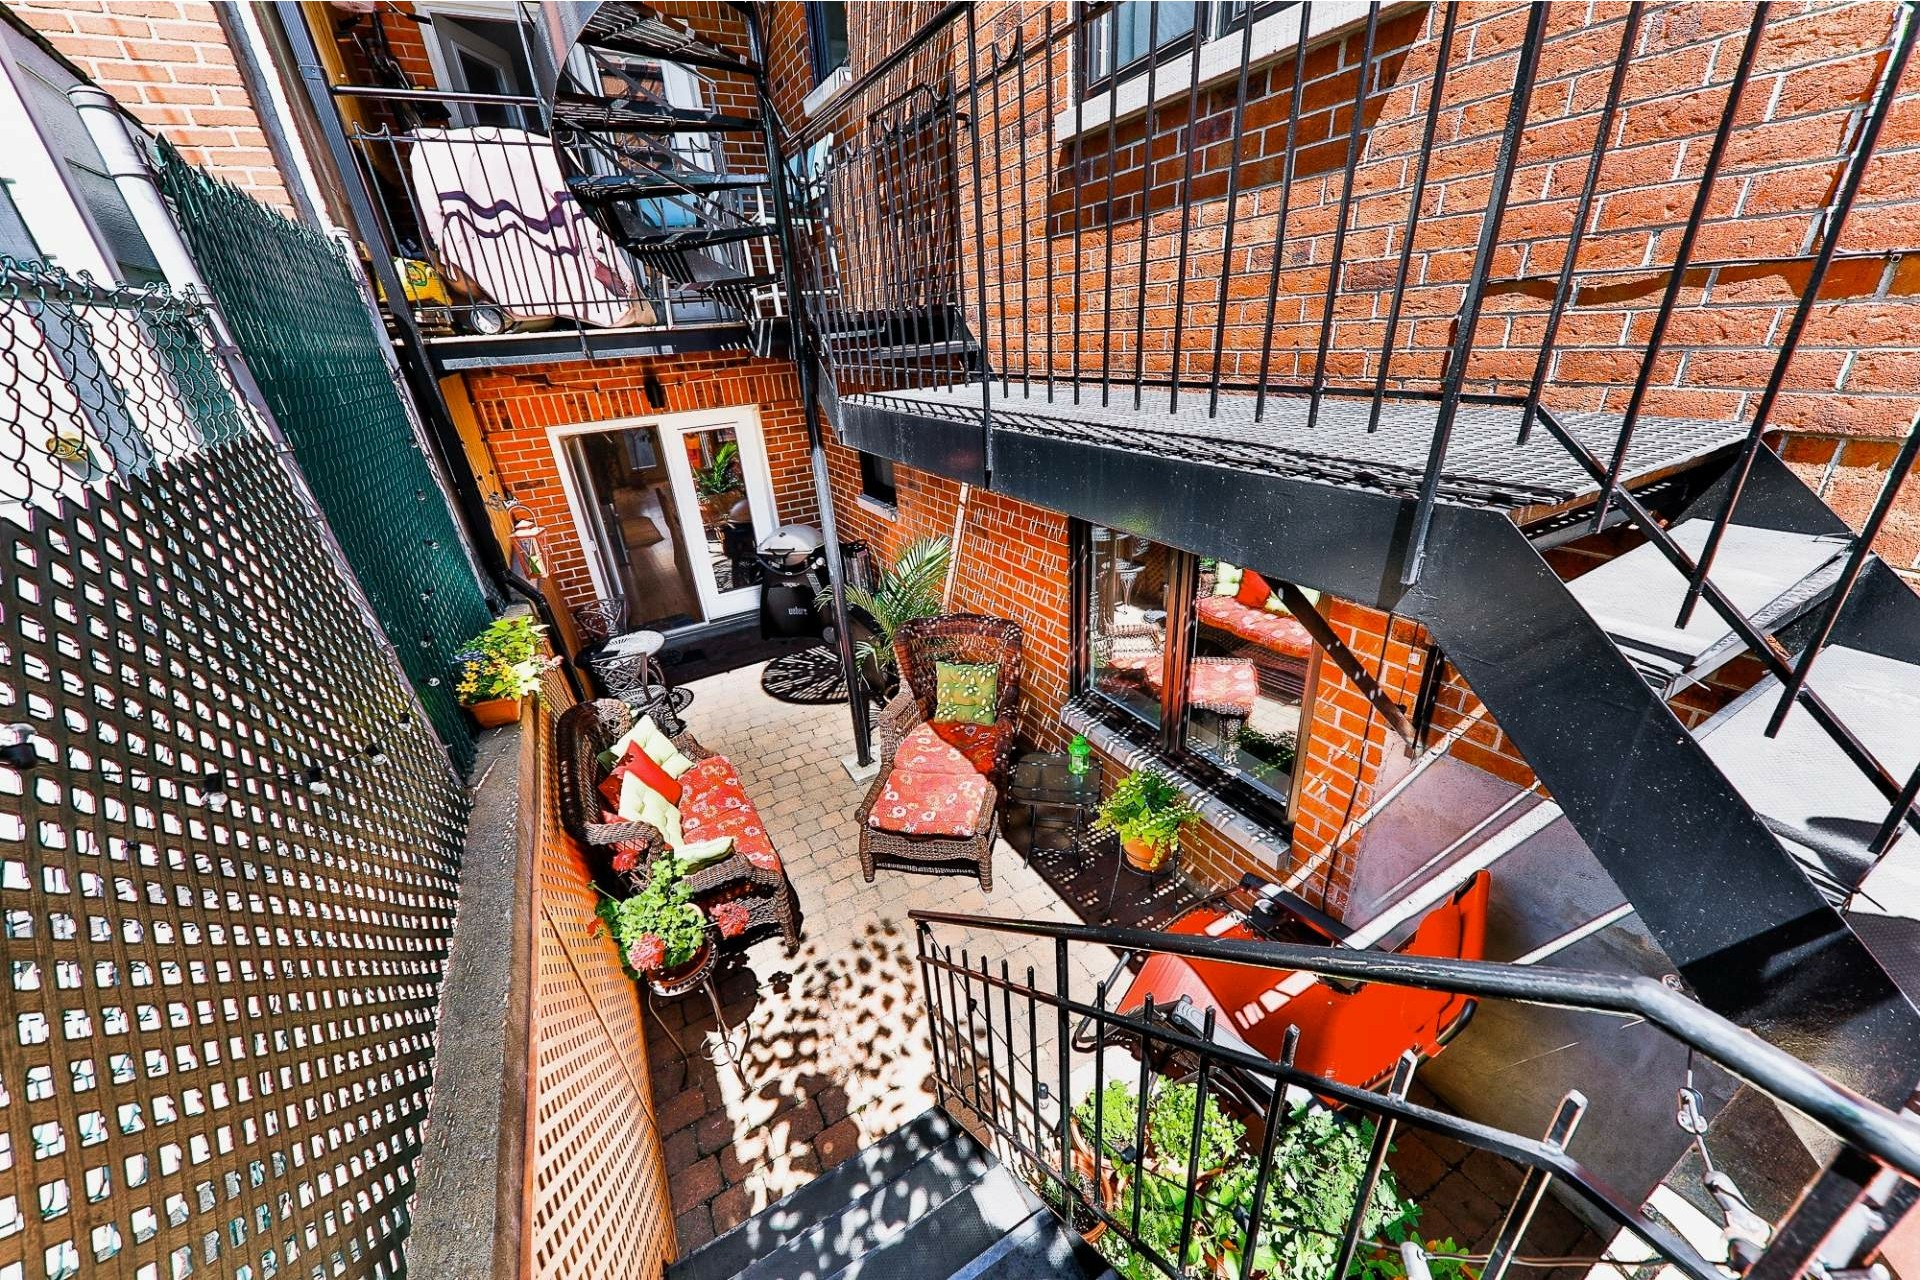 image 18 - Apartment For sale Villeray/Saint-Michel/Parc-Extension Montréal  - 6 rooms